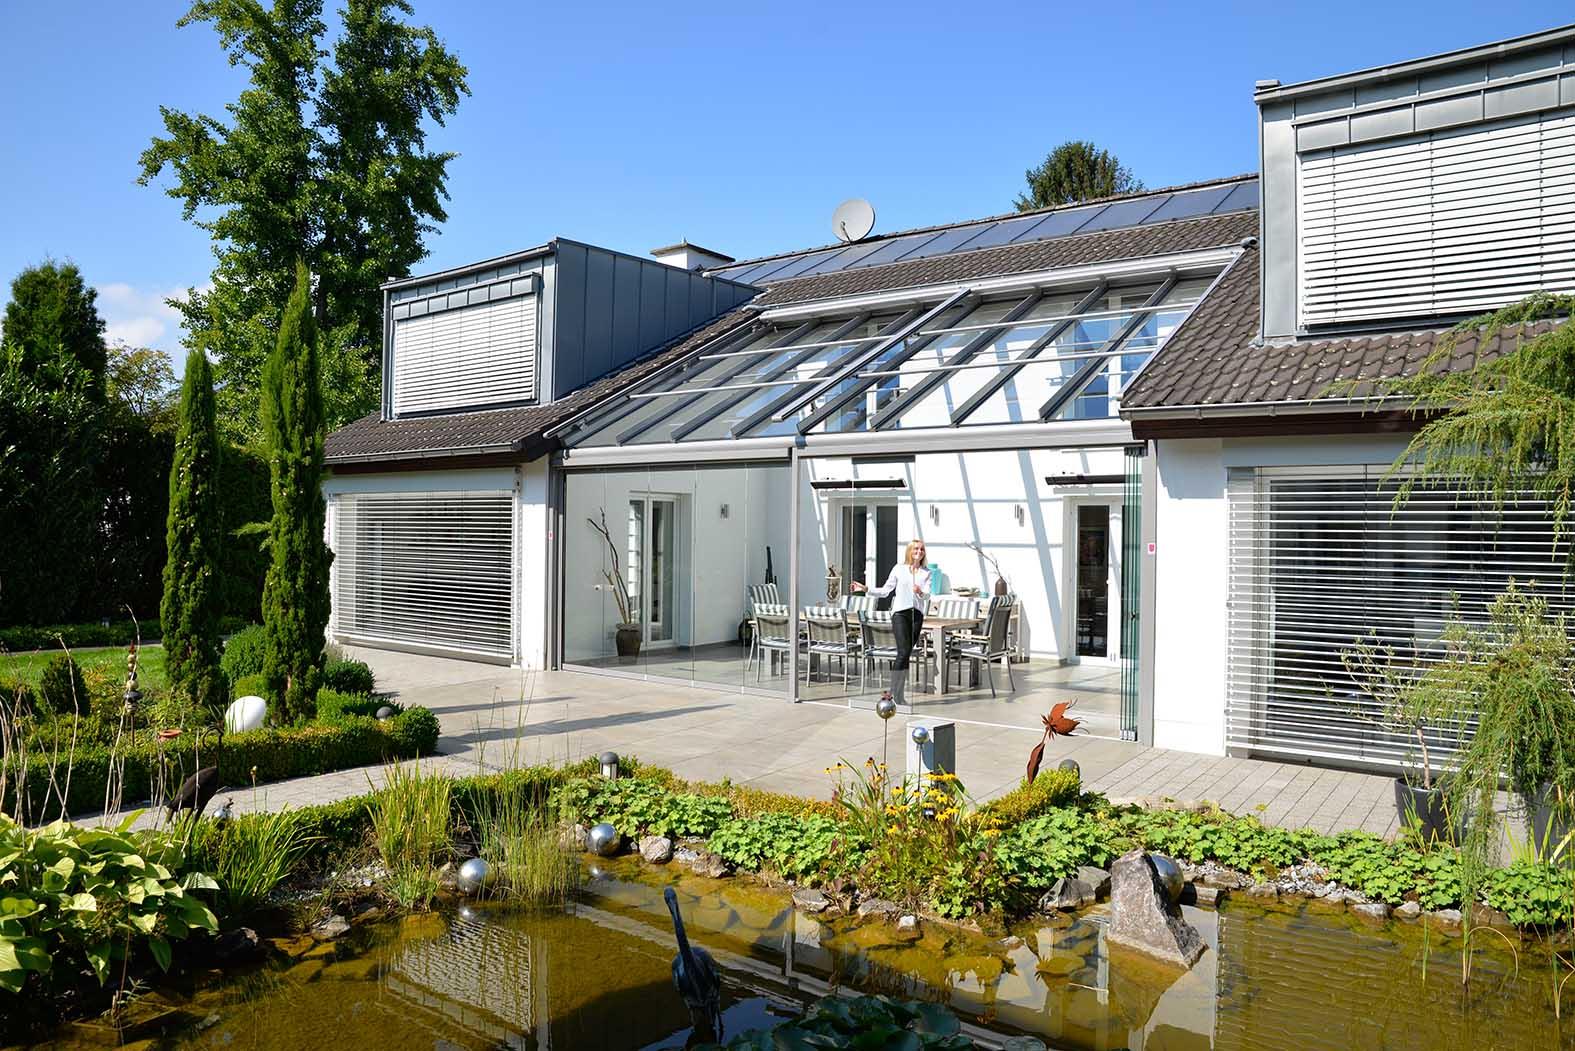 Einfamilienhaus mit Garten udn Glashaus, das zwischen zwei Hausflügeln liegt.